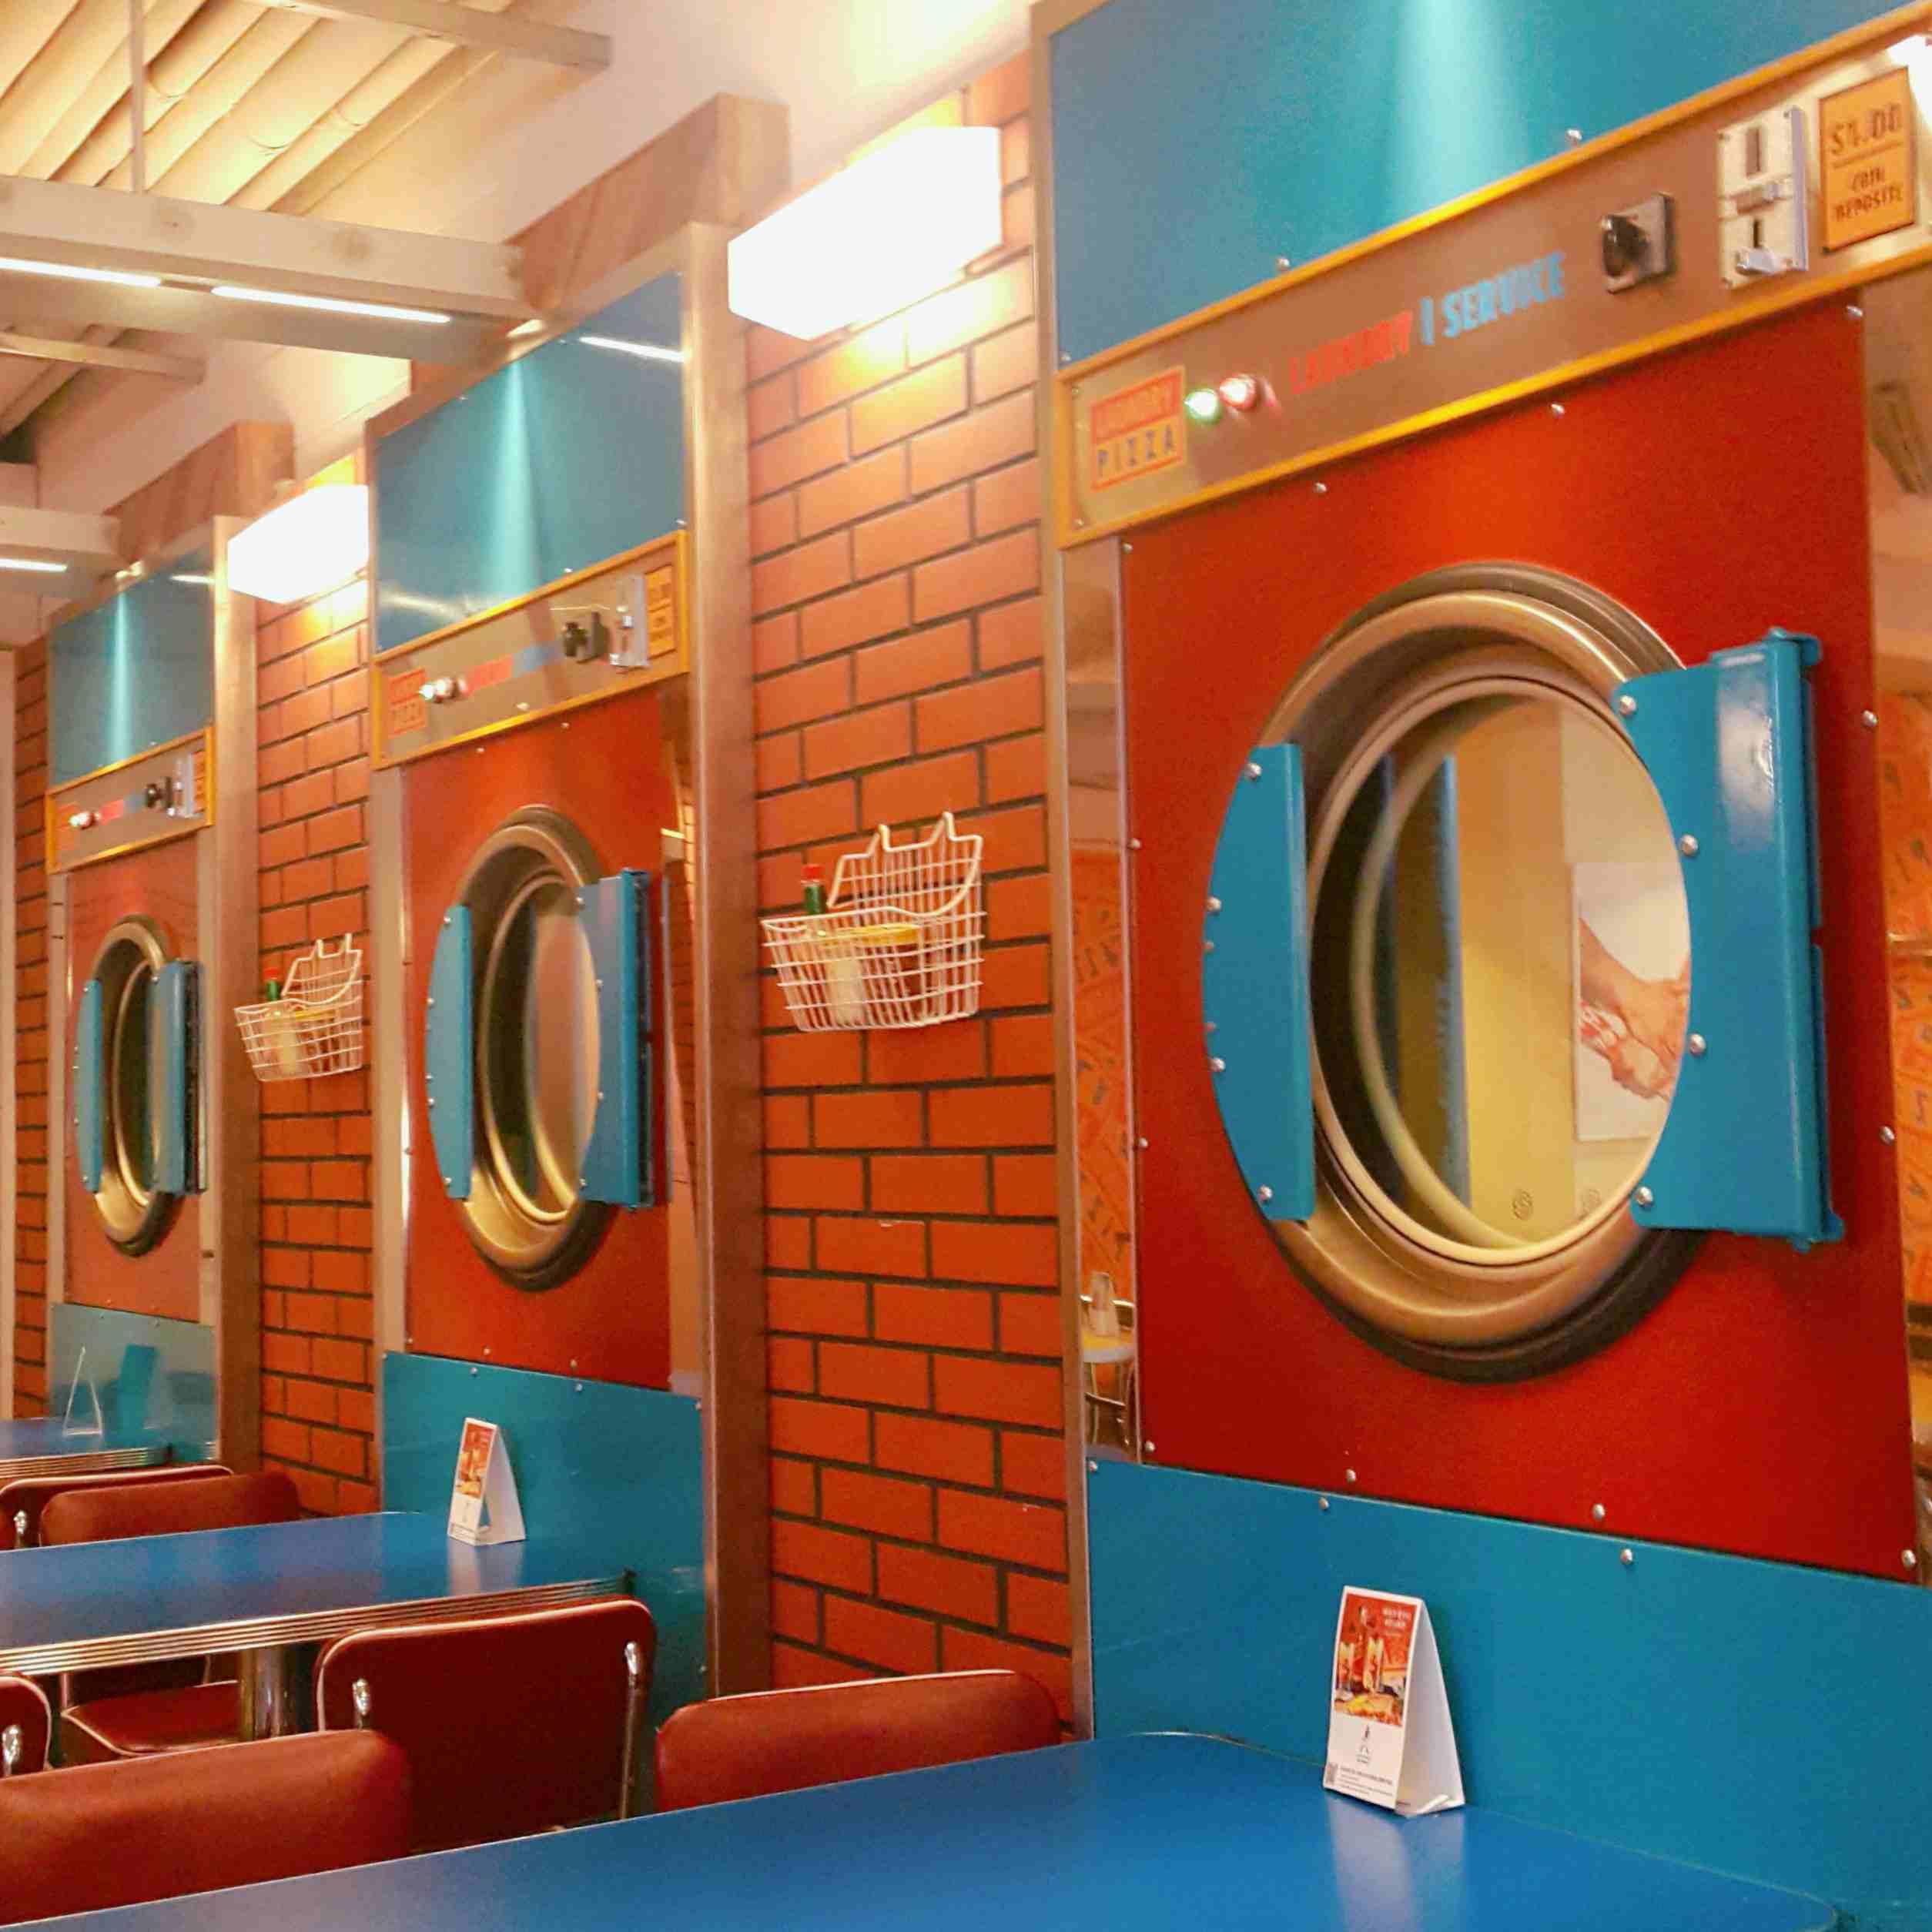 不少人都知道韓國有很多特別適合拍照的店,在江南區的地下就有一家以洗衣房為主題的披薩店